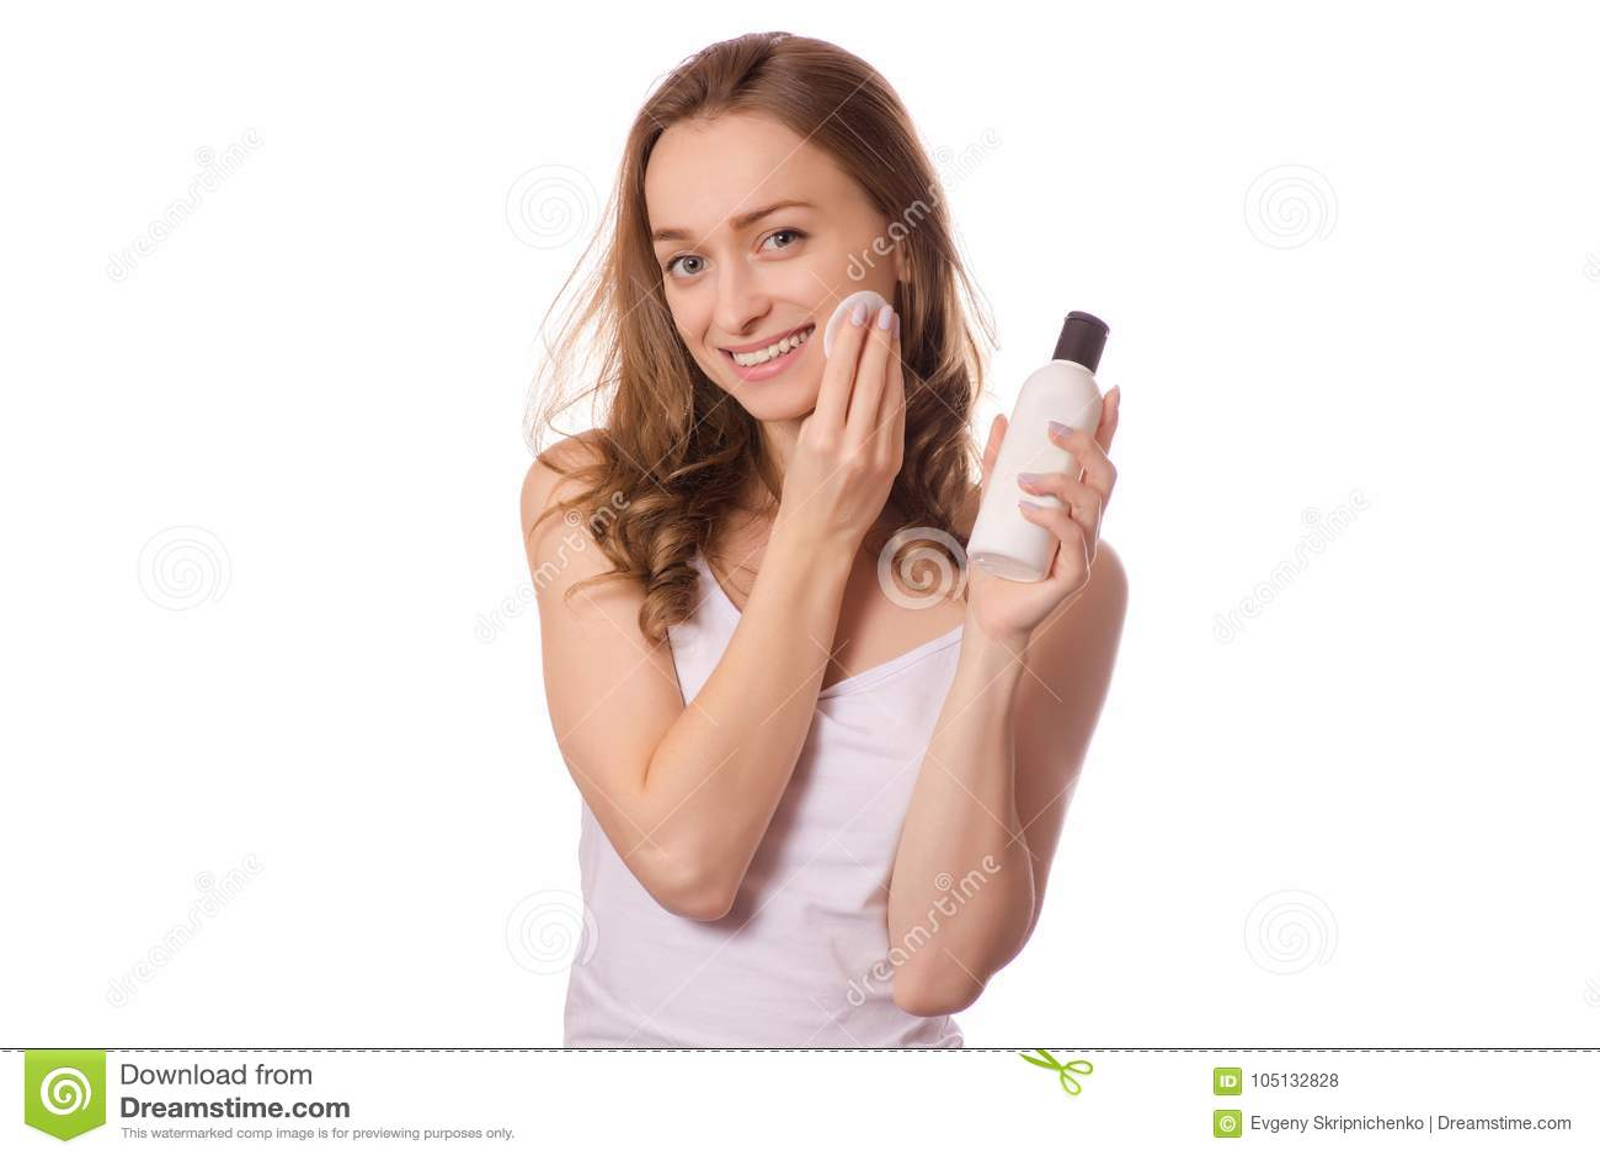 Woman Removing Makeup Stock Image Cartoondealer Com